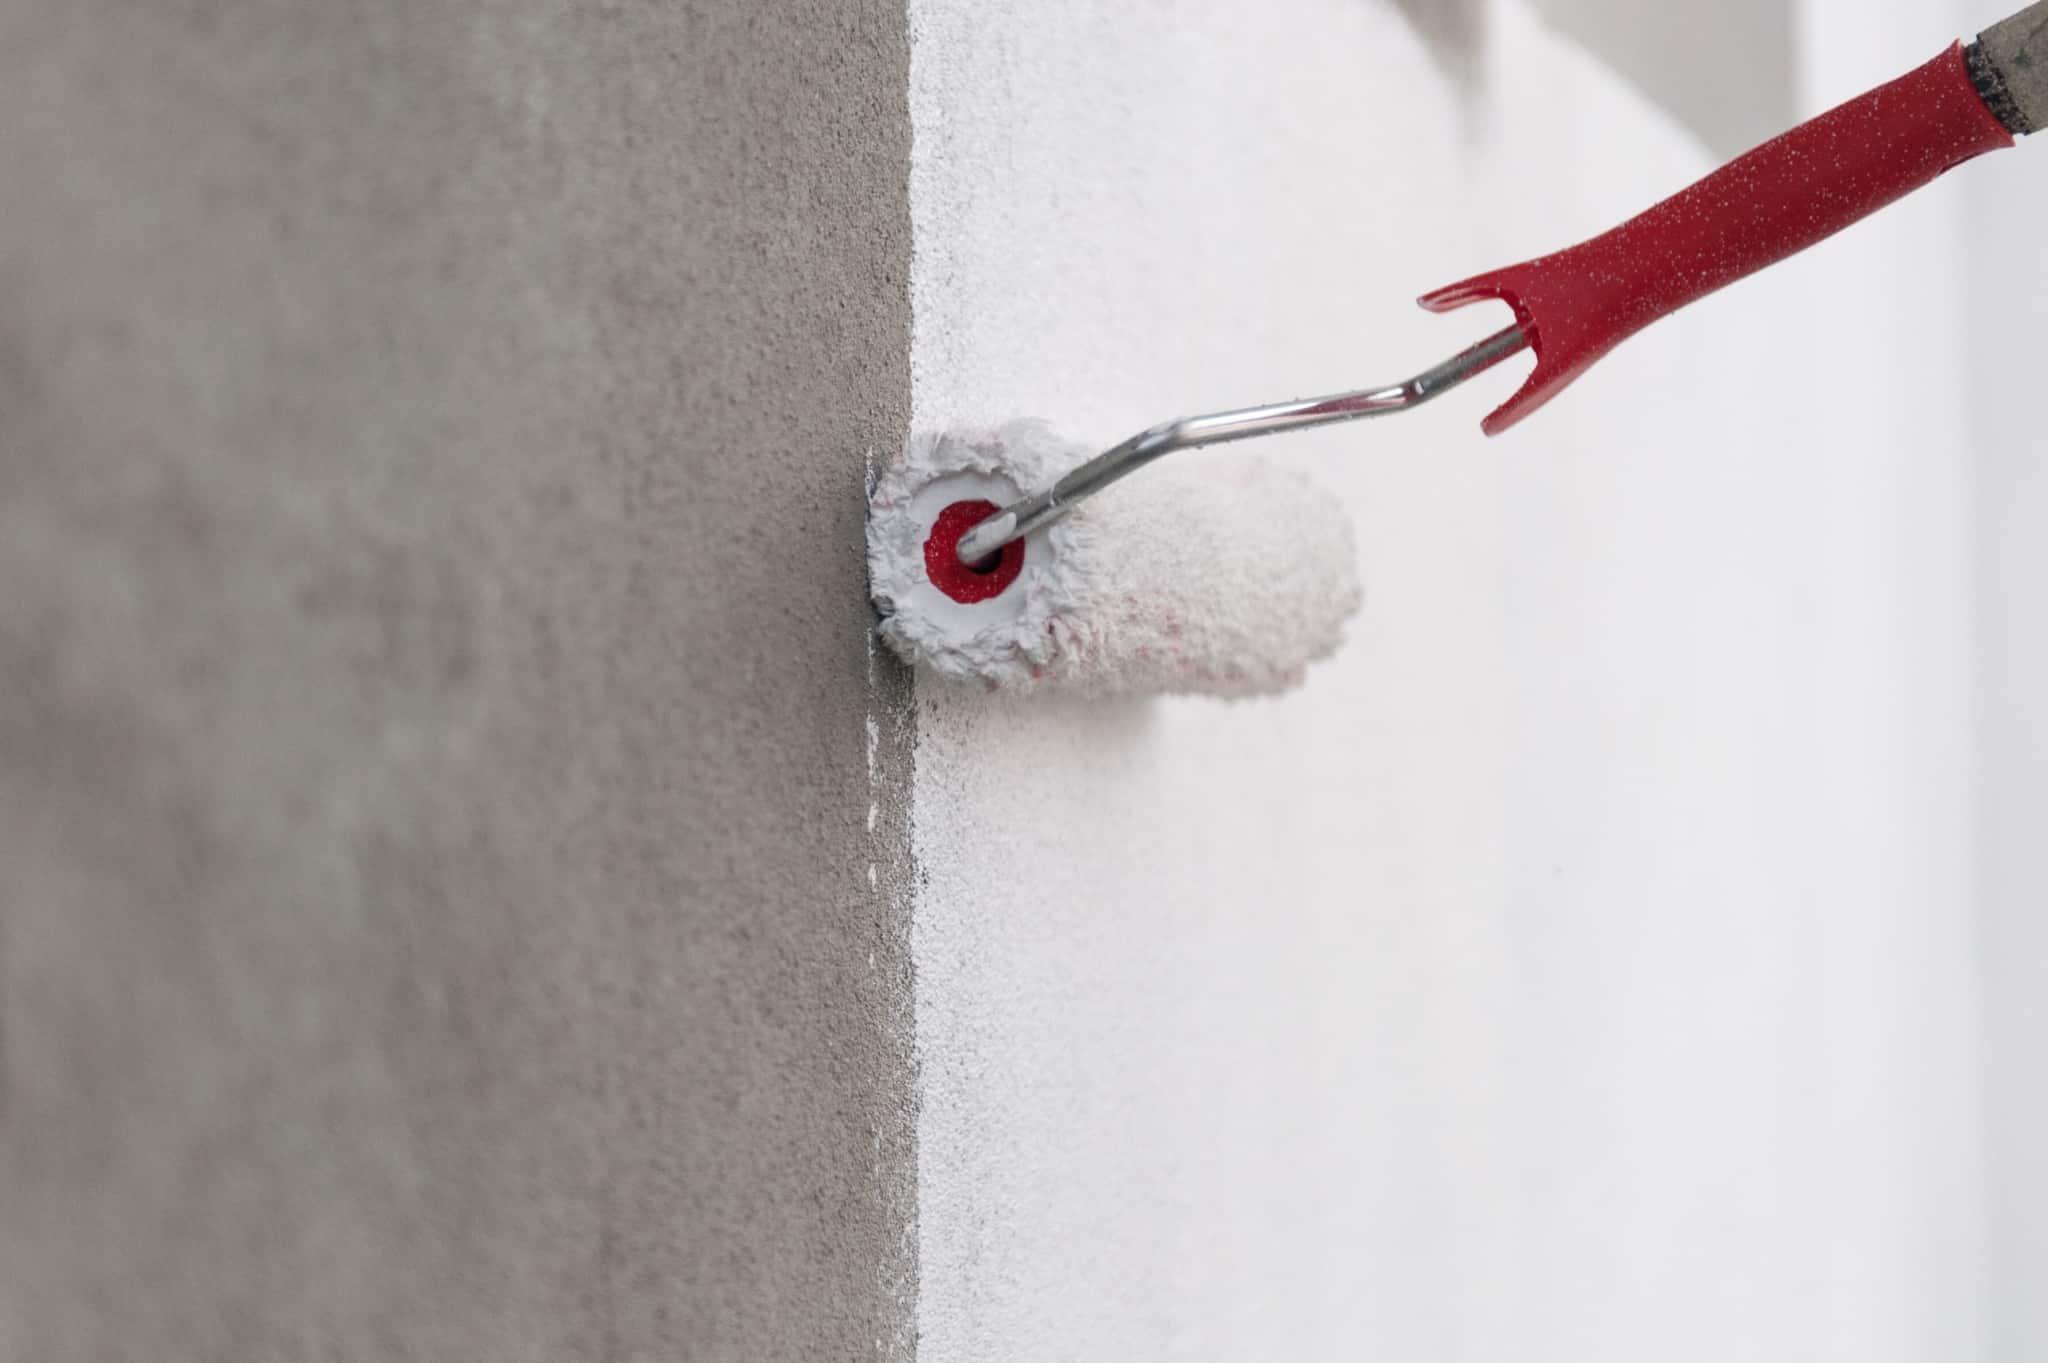 pintar parede de branco com rolo